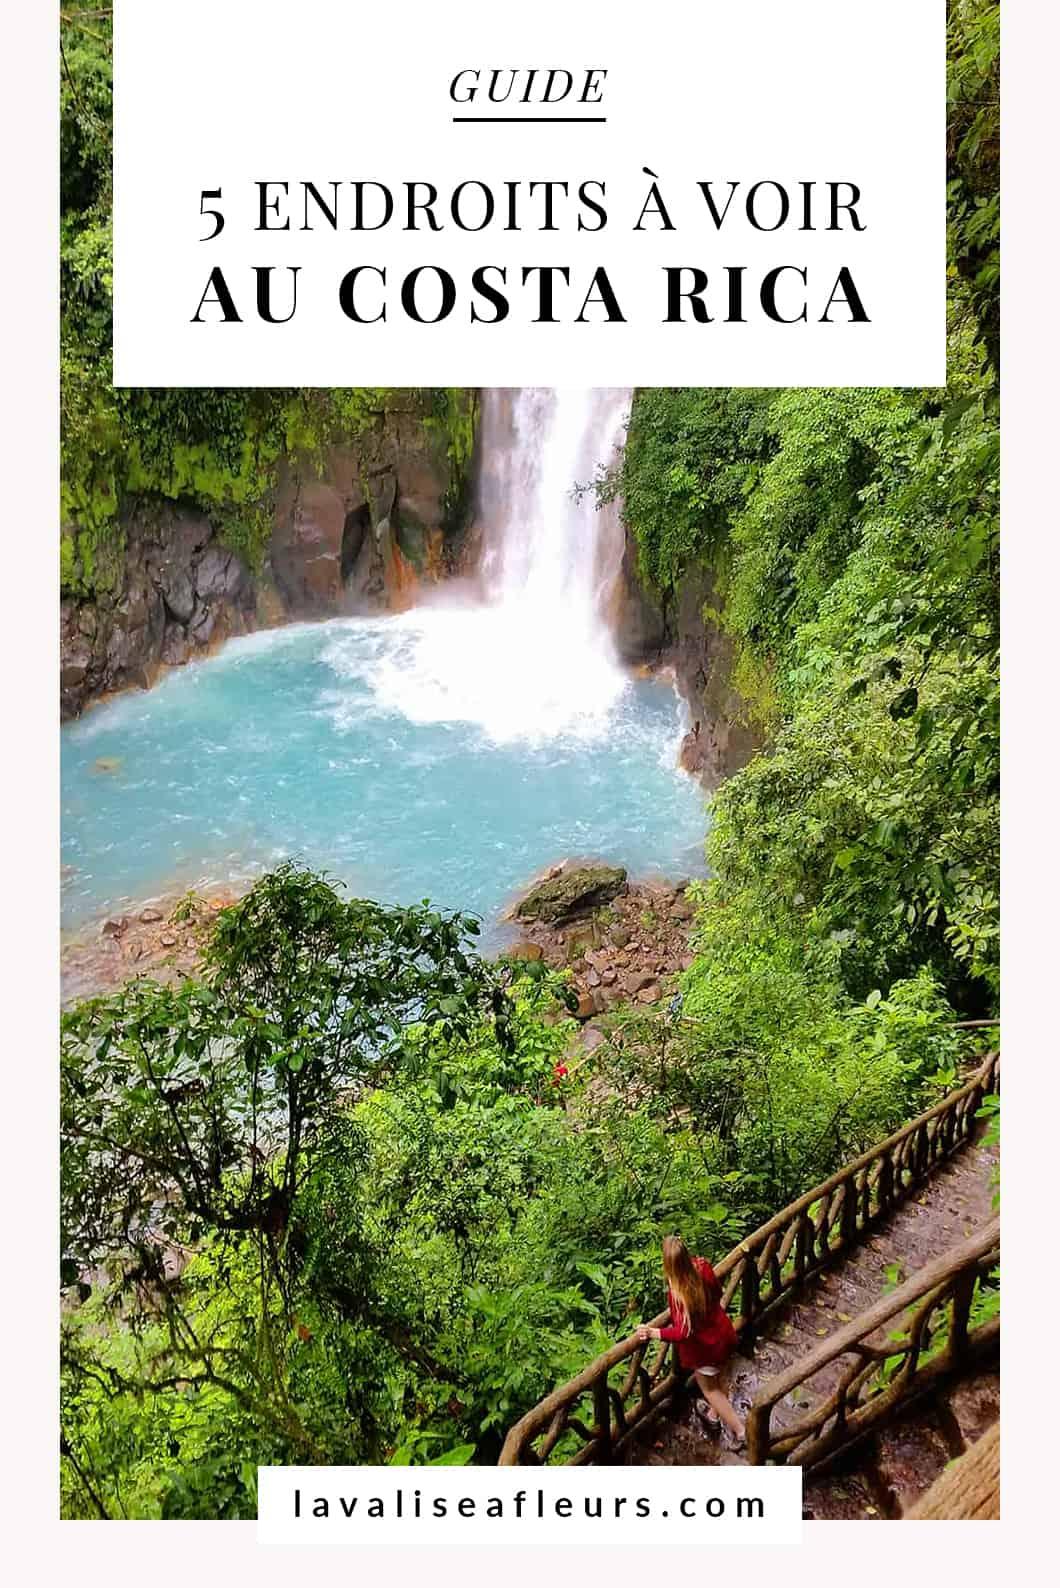 Guide des 5 endroits à voir au Costa Rica